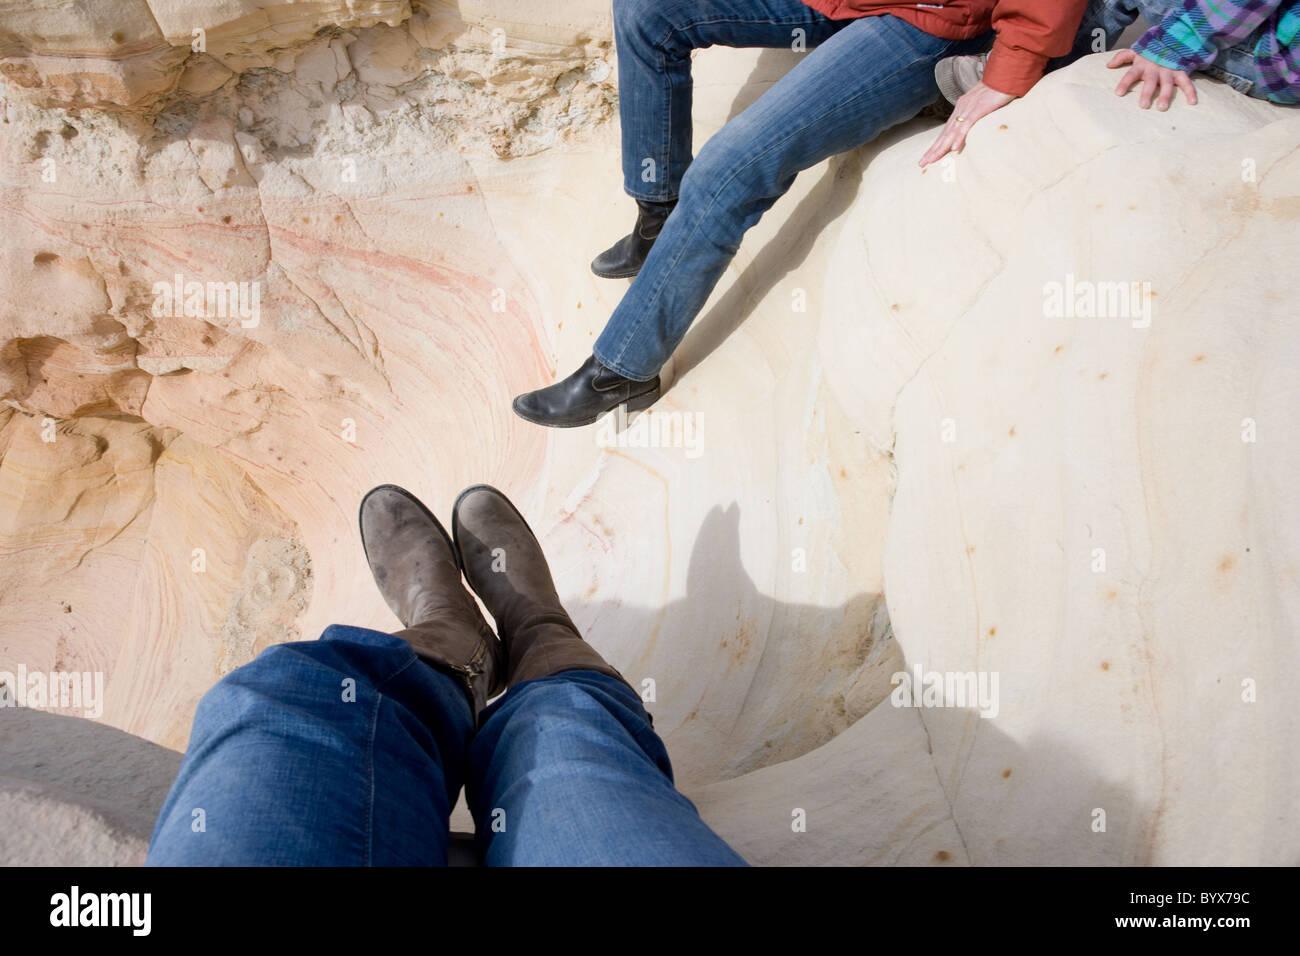 Donne che indossano stivali in appoggio sulla pietra arenaria, alto deserto del Nuovo Messico, STATI UNITI D'AMERICA Immagini Stock